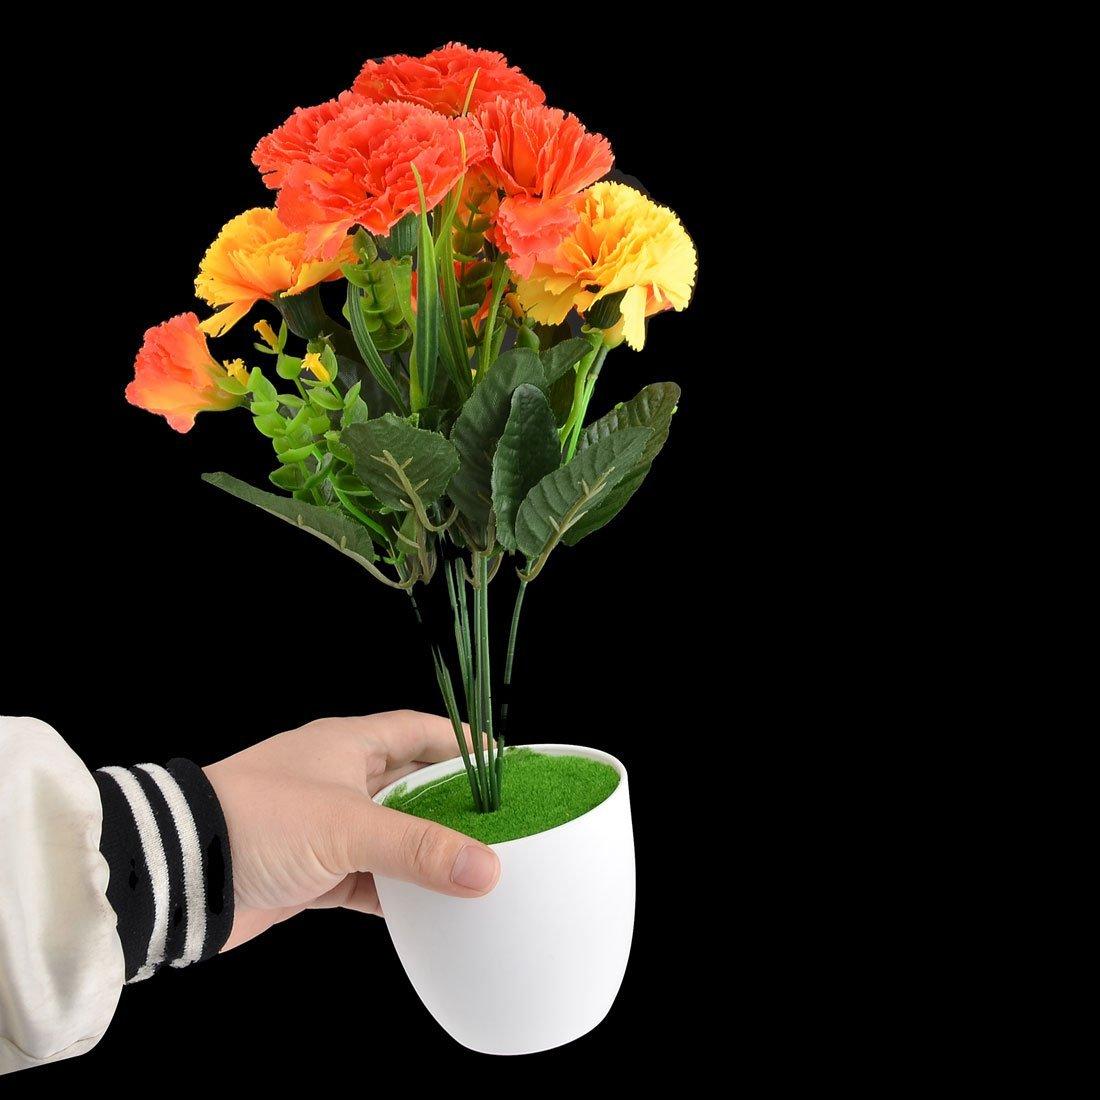 Amazon.com: eDealMax Dormitorio plástico DIY de la decoración de la simulación Artificial de Clavel Flor de Naranja: Home & Kitchen